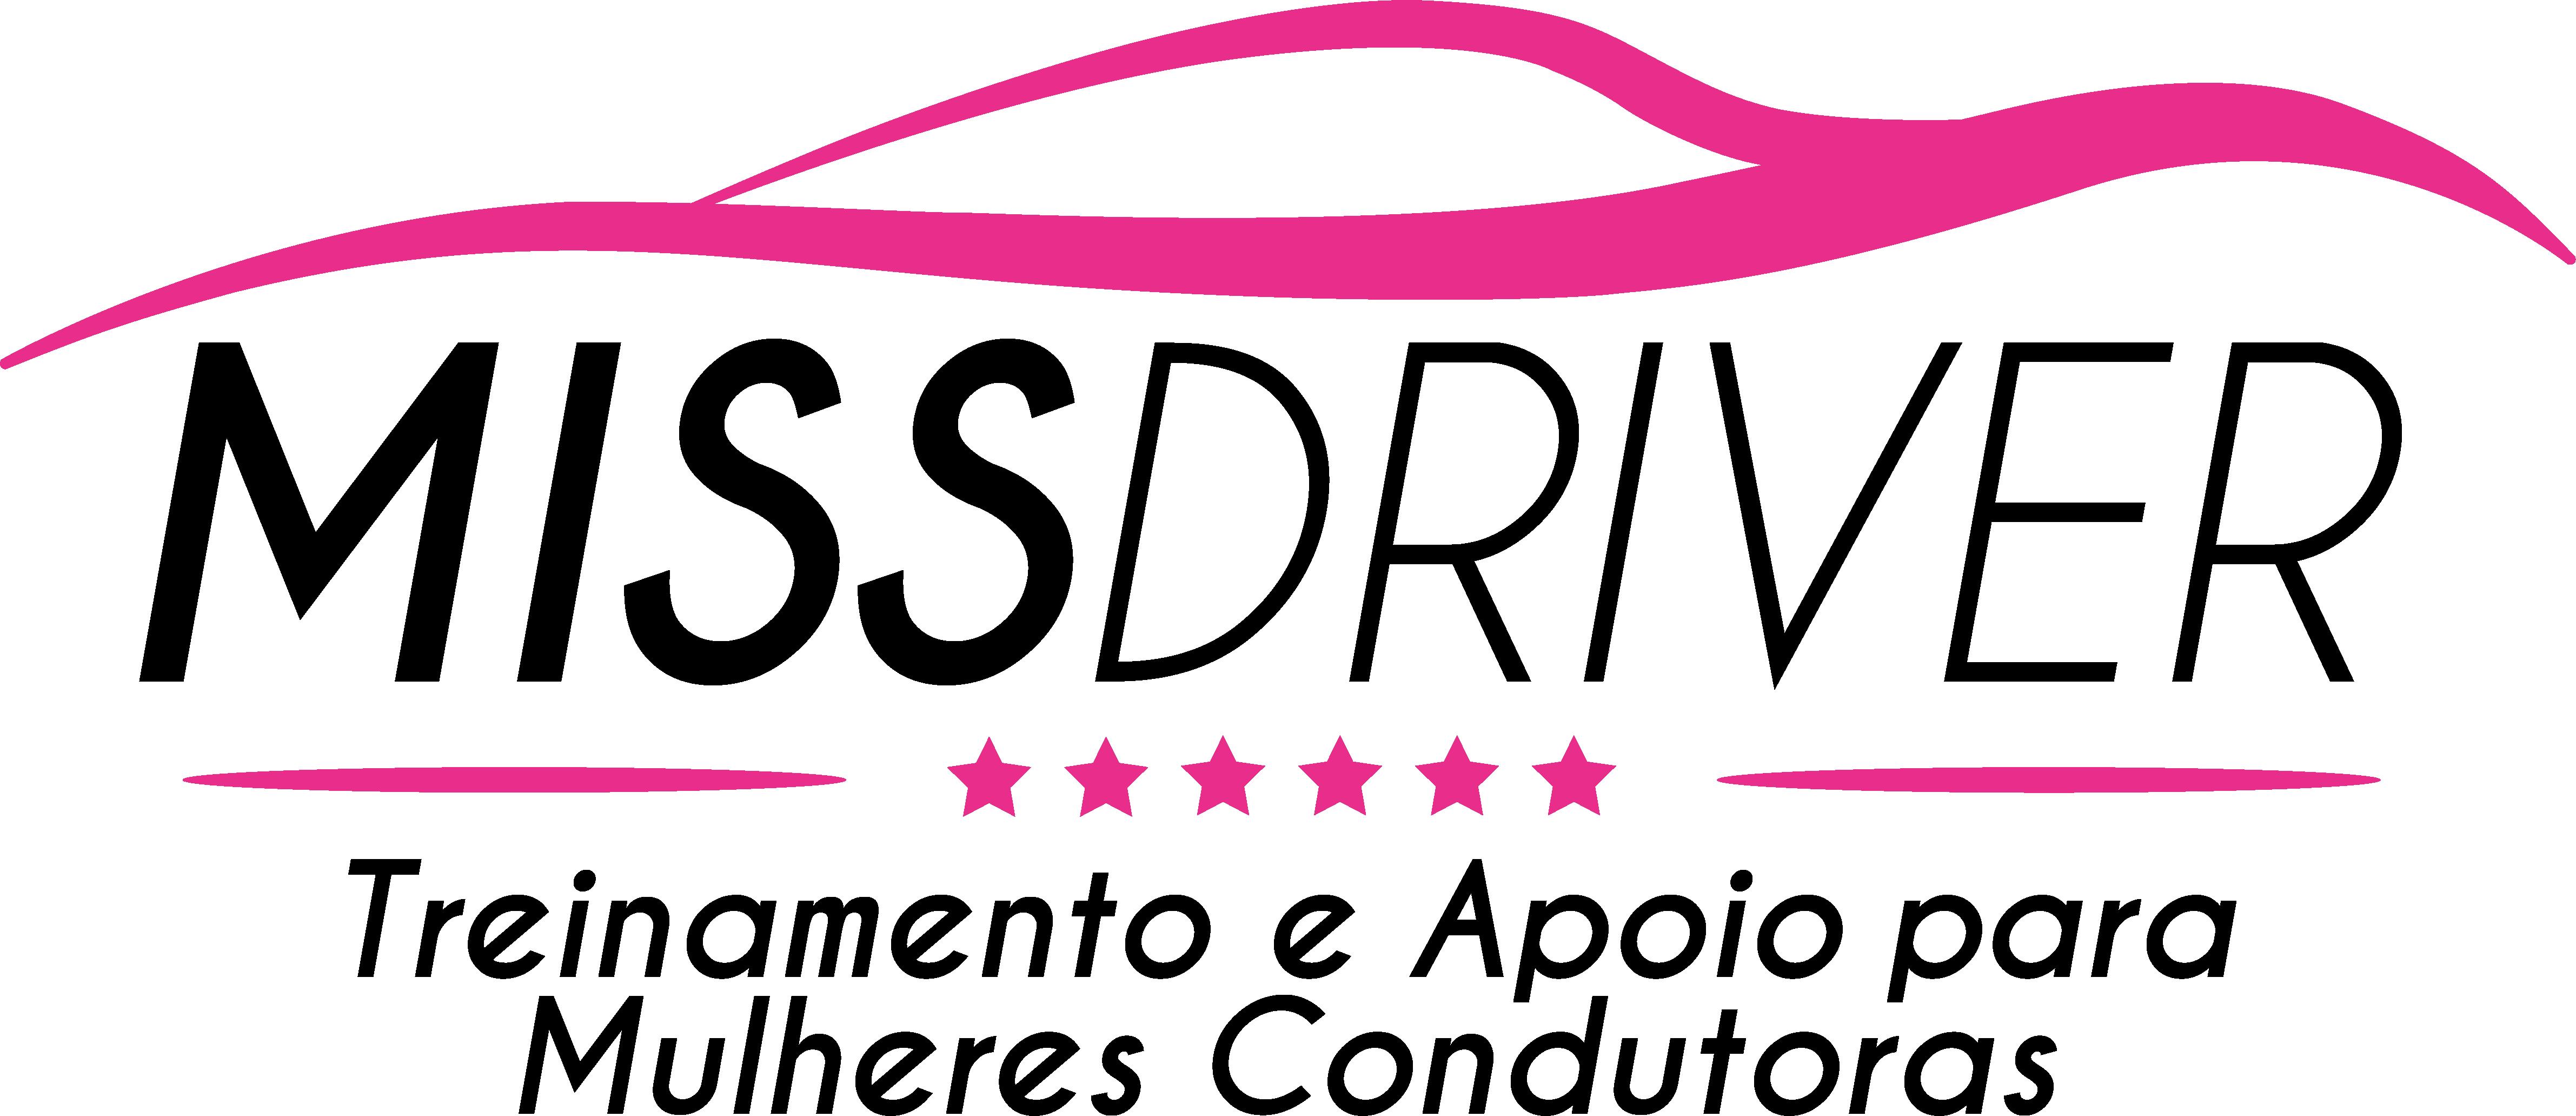 Miss Driver - Treinamento e Apoio para Mulheres Condutoras